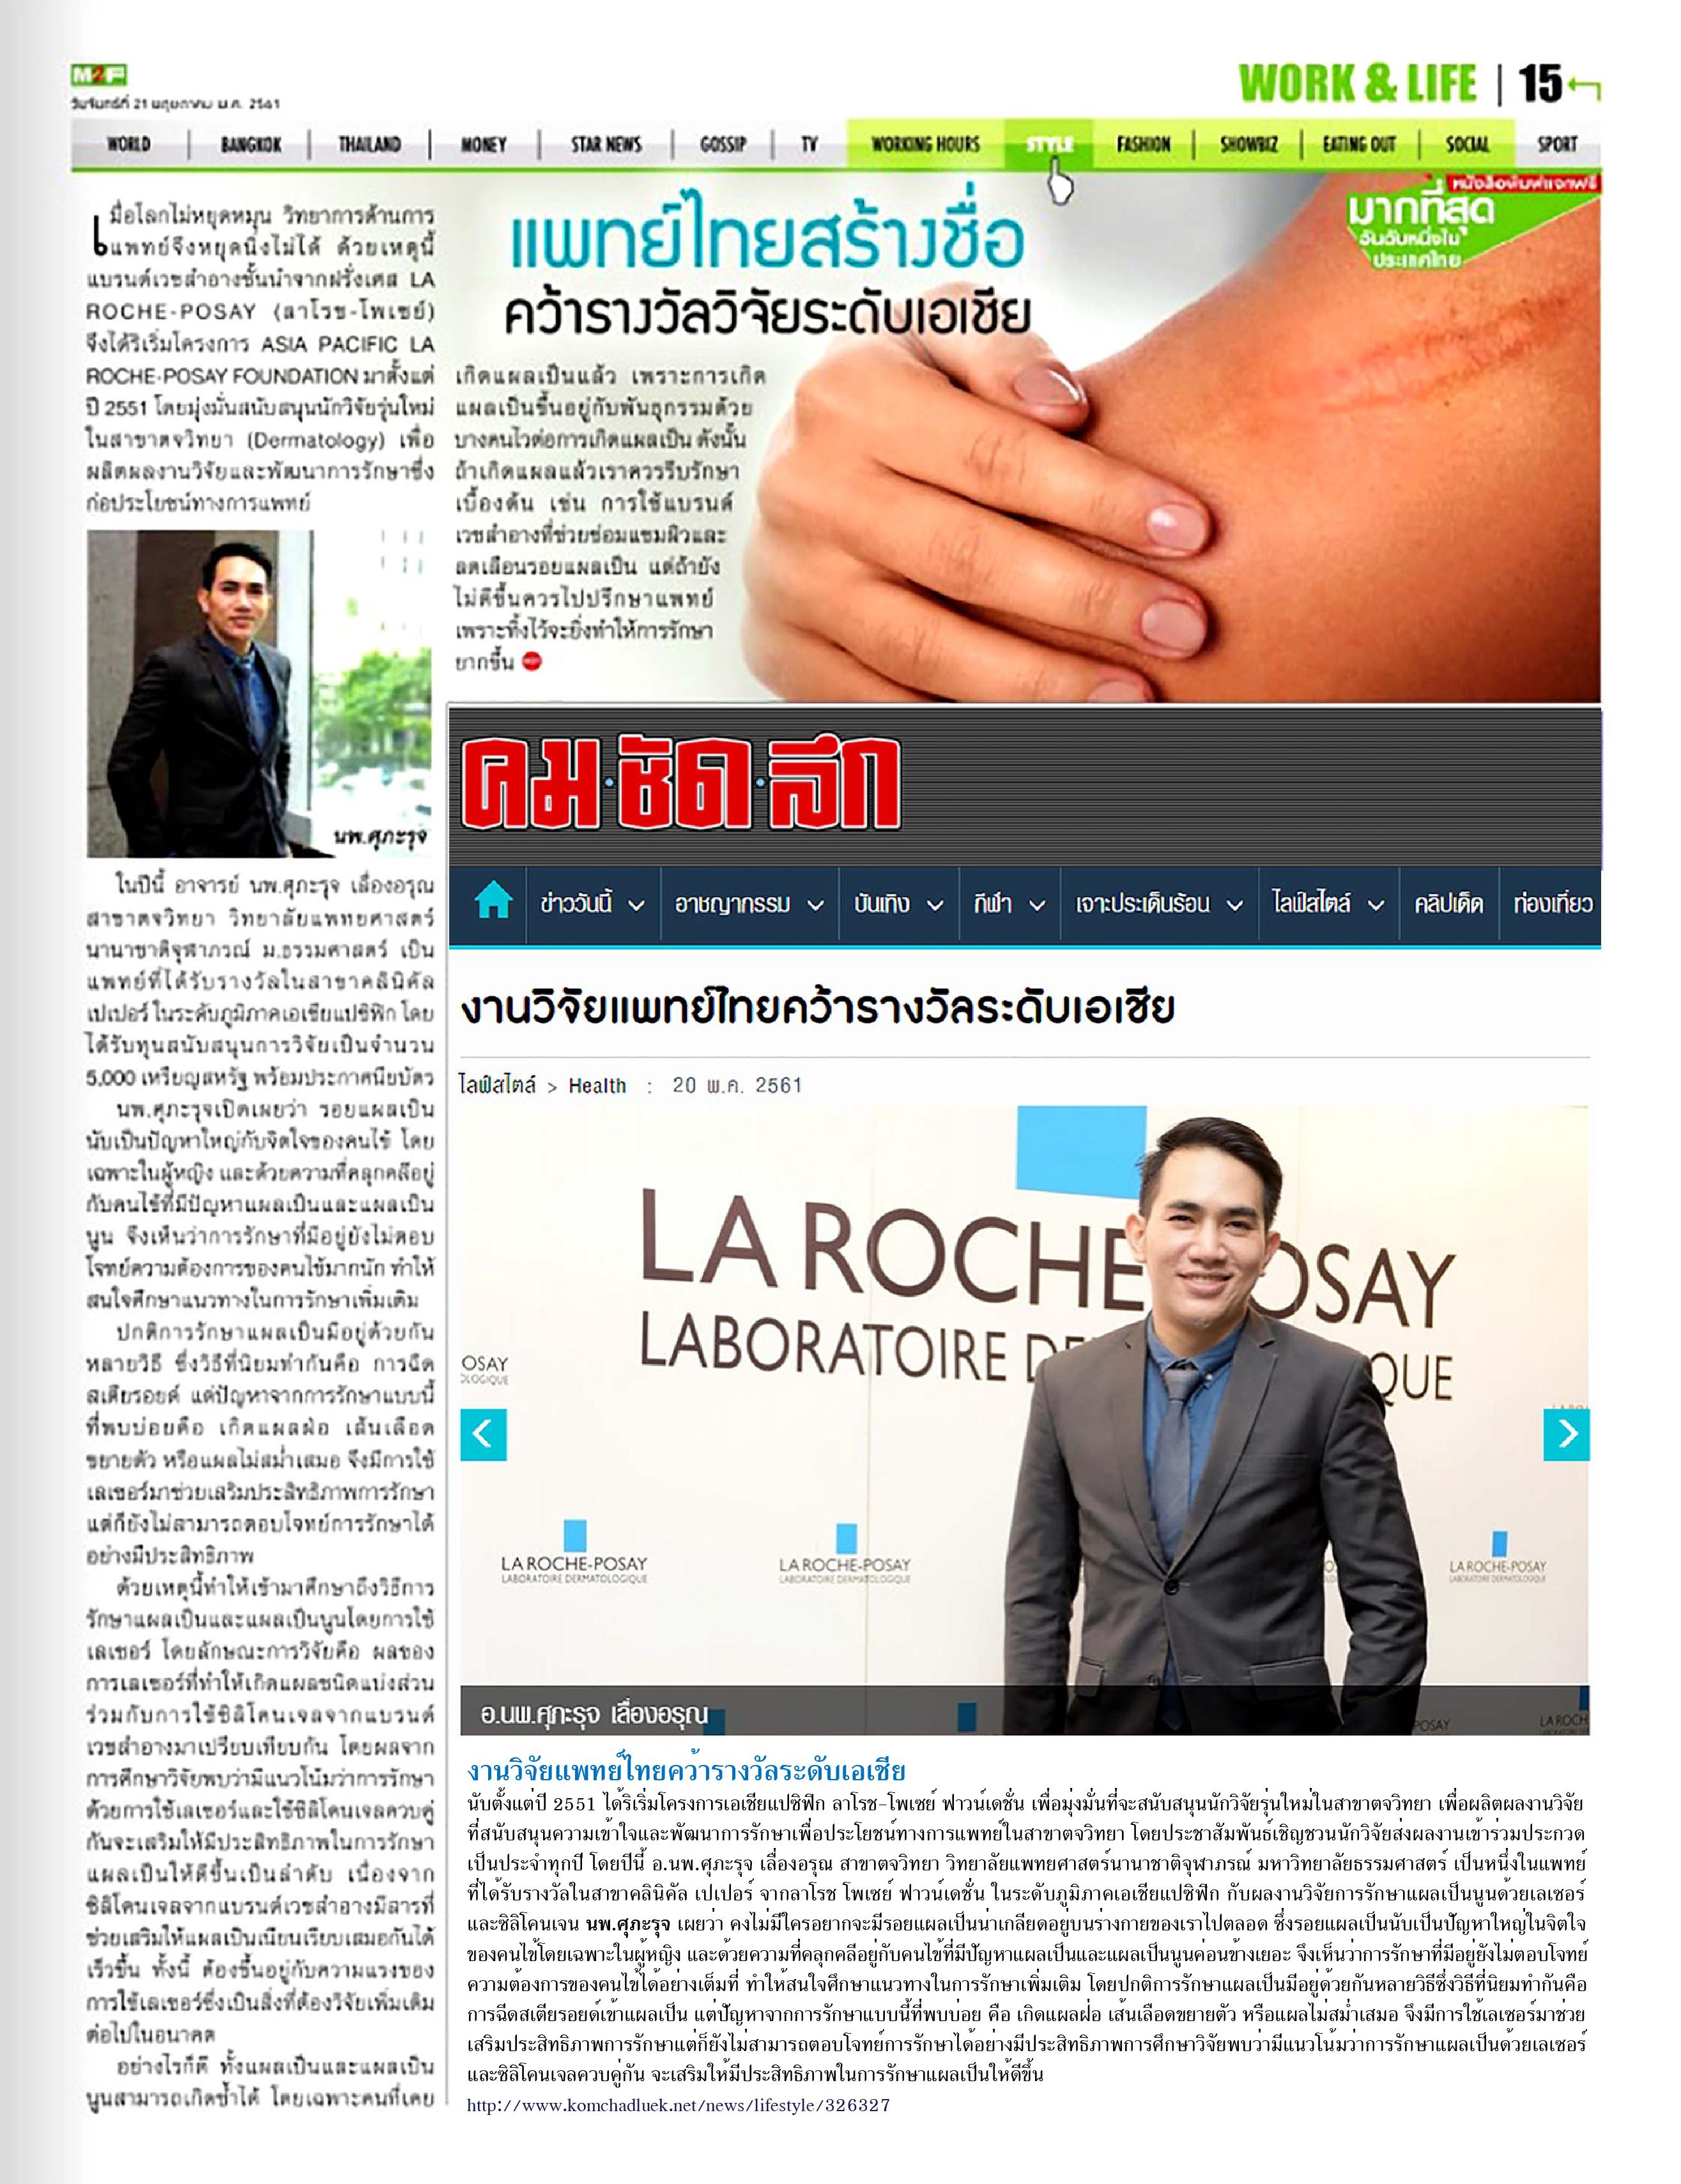 งานวิจัยแพทย์ไทยคว้ารางวัลระดับเอเชีย อ.นพ.ศุภะรุจ เลื่องอรุณ